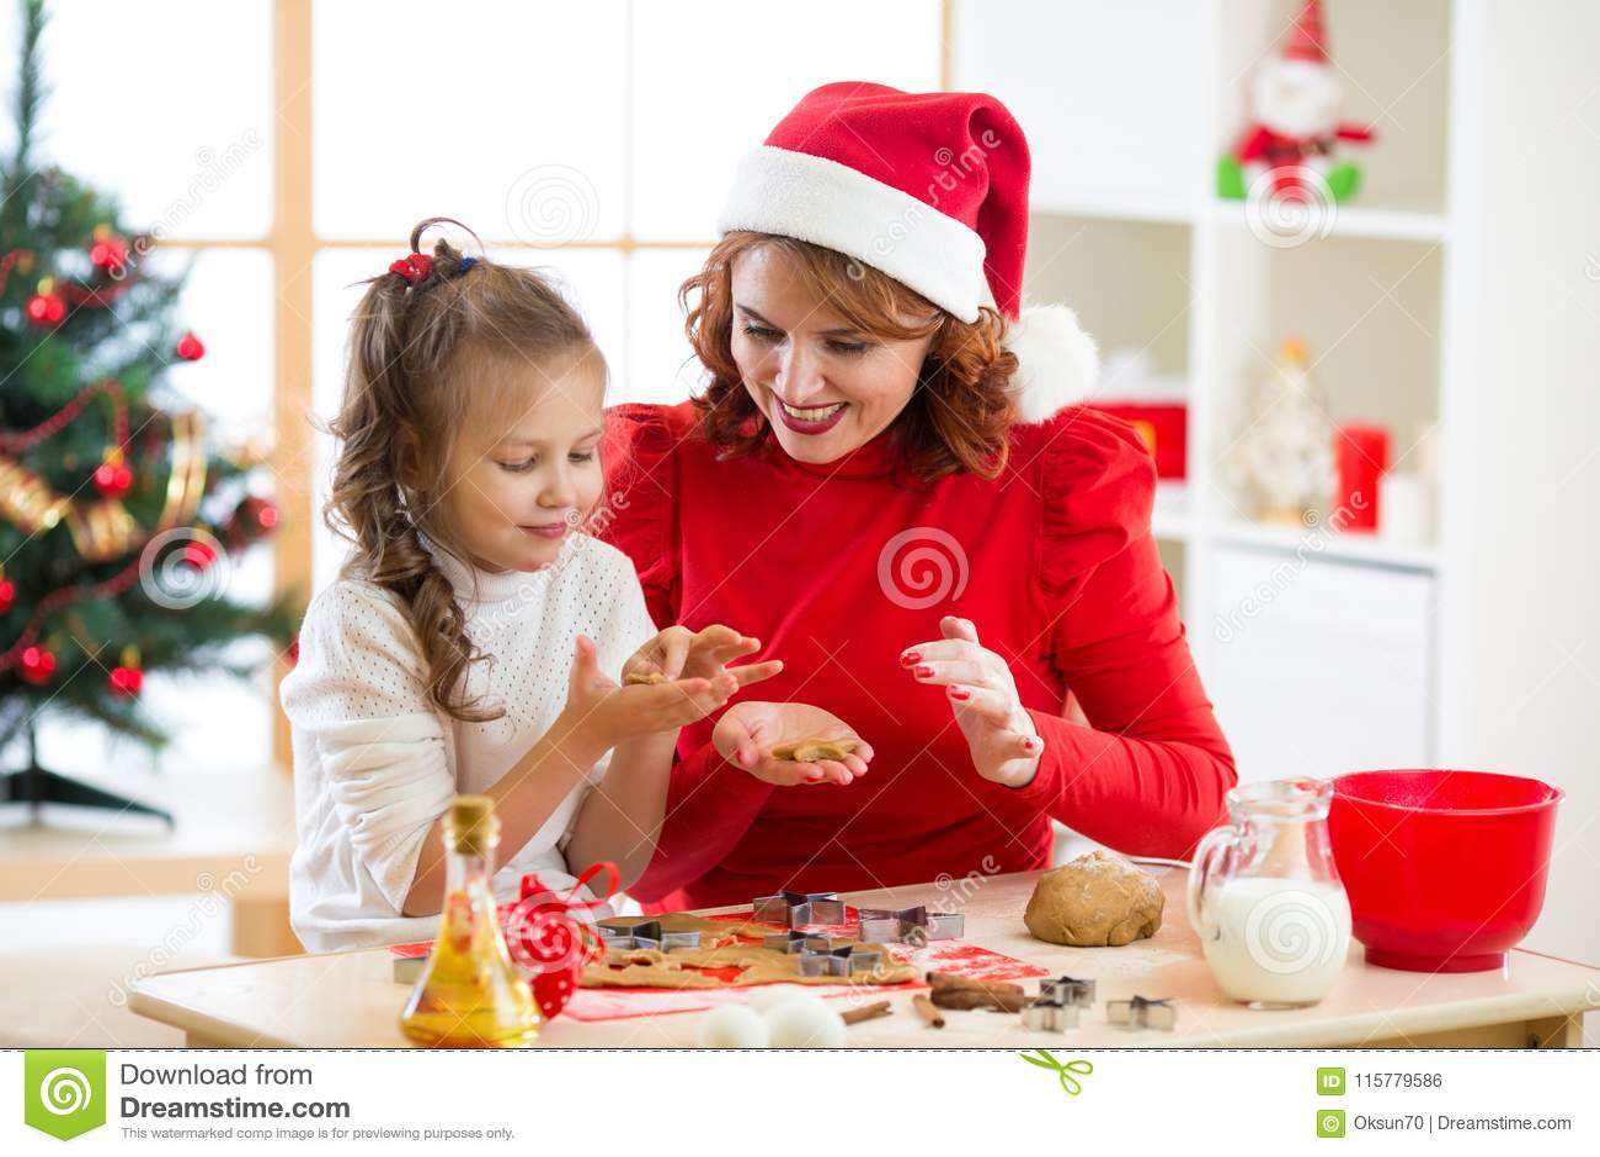 Mutter- und Tochterbacken Weihnachtsplätzchen an verziertem Baum Mutter und Kind backen Weihnachtsbonbons Familie mit Kindern